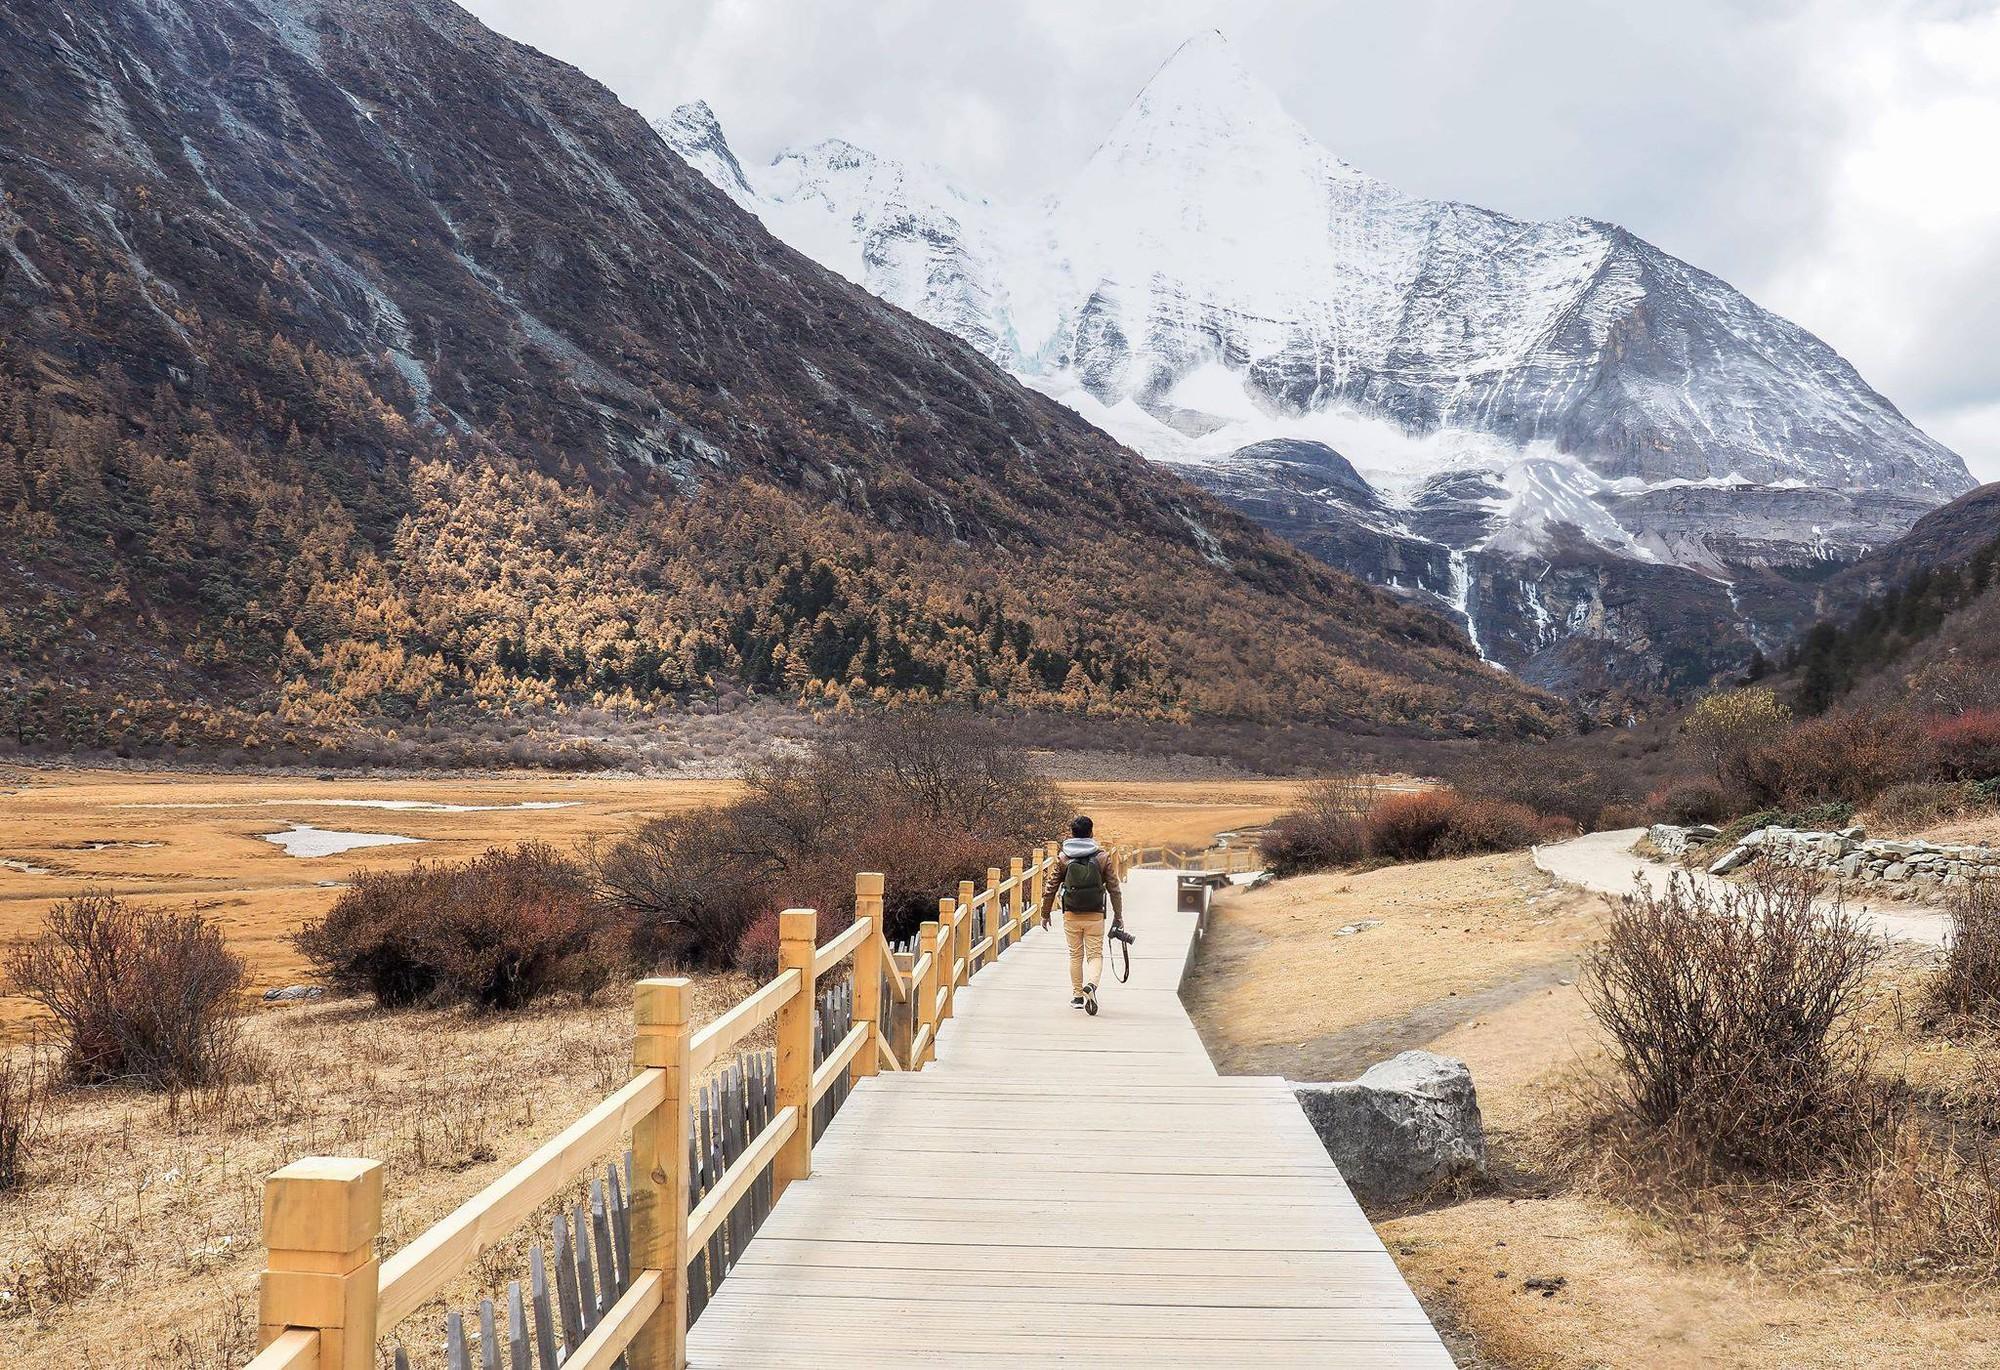 Ít ai biết Trung Quốc có một nơi được mệnh danh tận cùng nhân gian: Đường đi vô cùng khó khăn, phong cảnh đẹp đến choáng ngợp! - Ảnh 1.